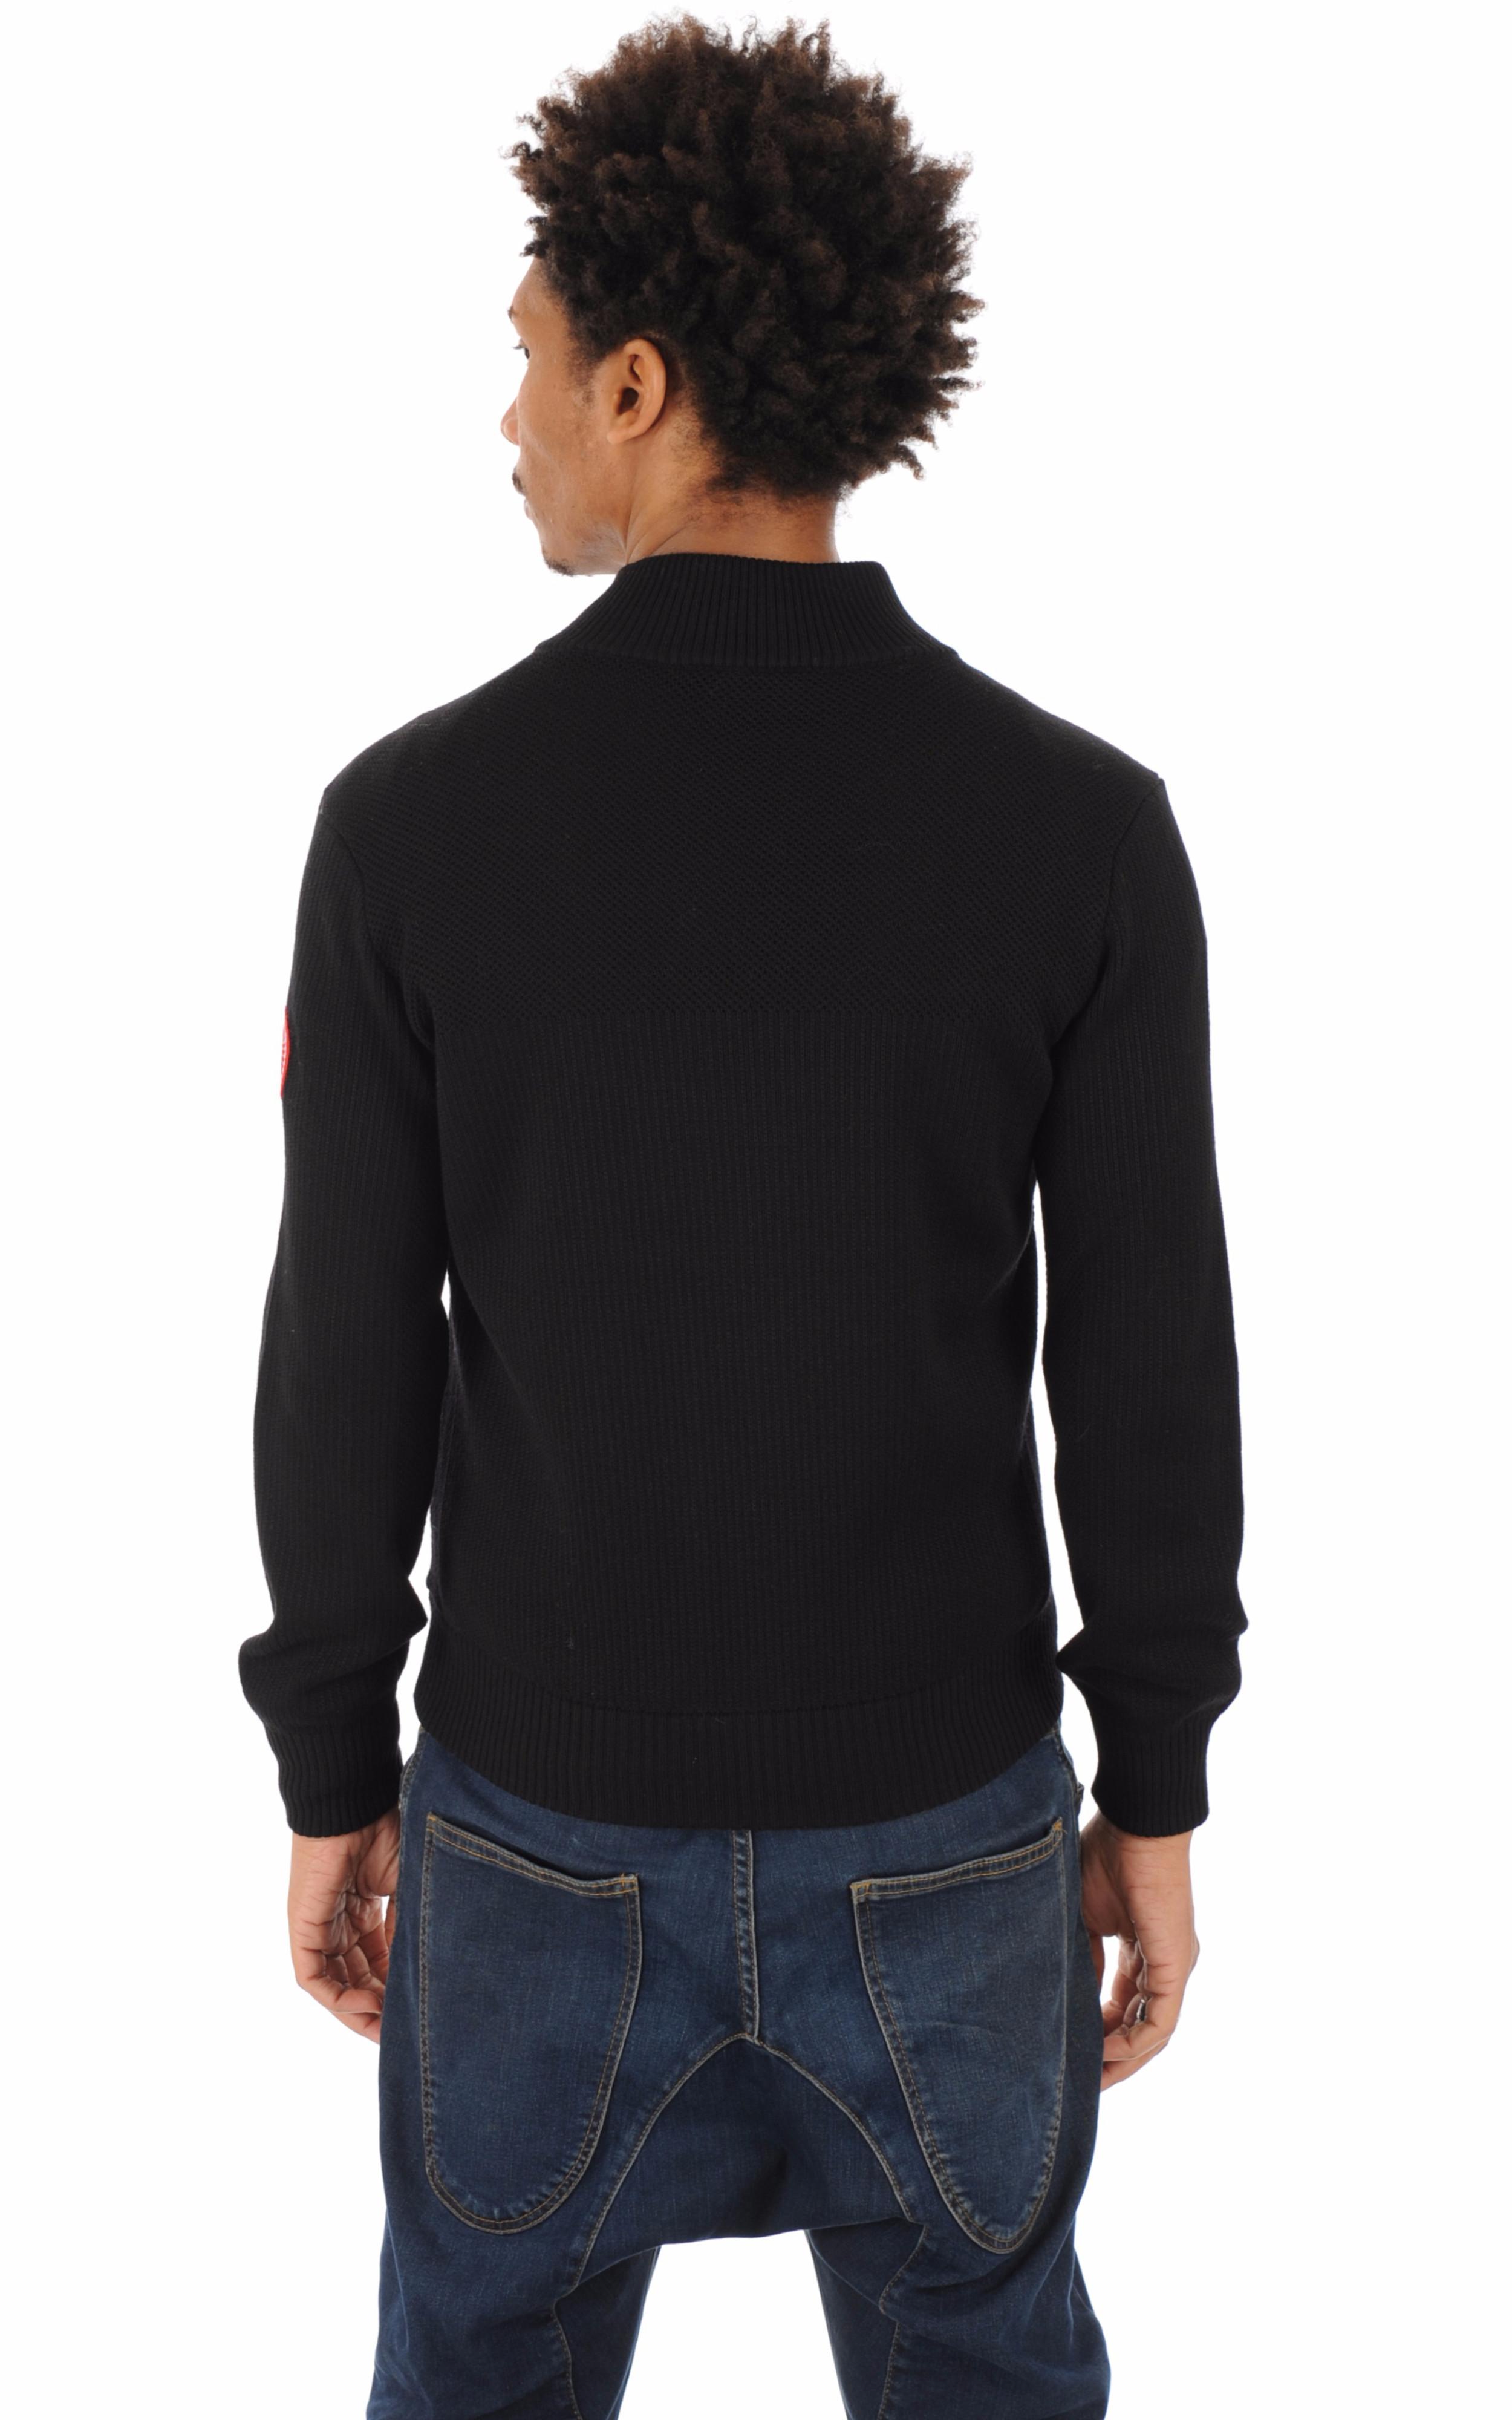 Gilet Hybridge Knit noir Canada Goose